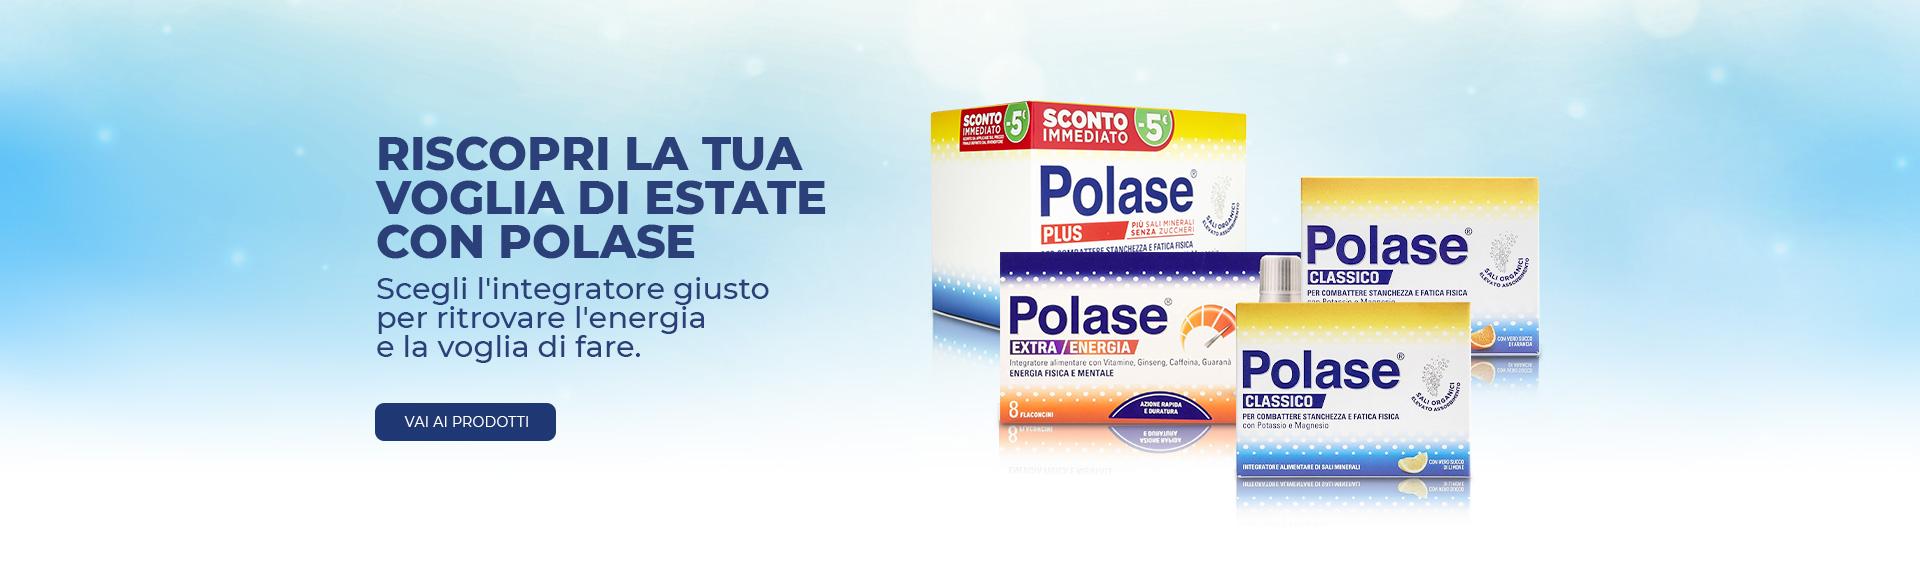 catalog/Slide/polase/polase_slide.jpg